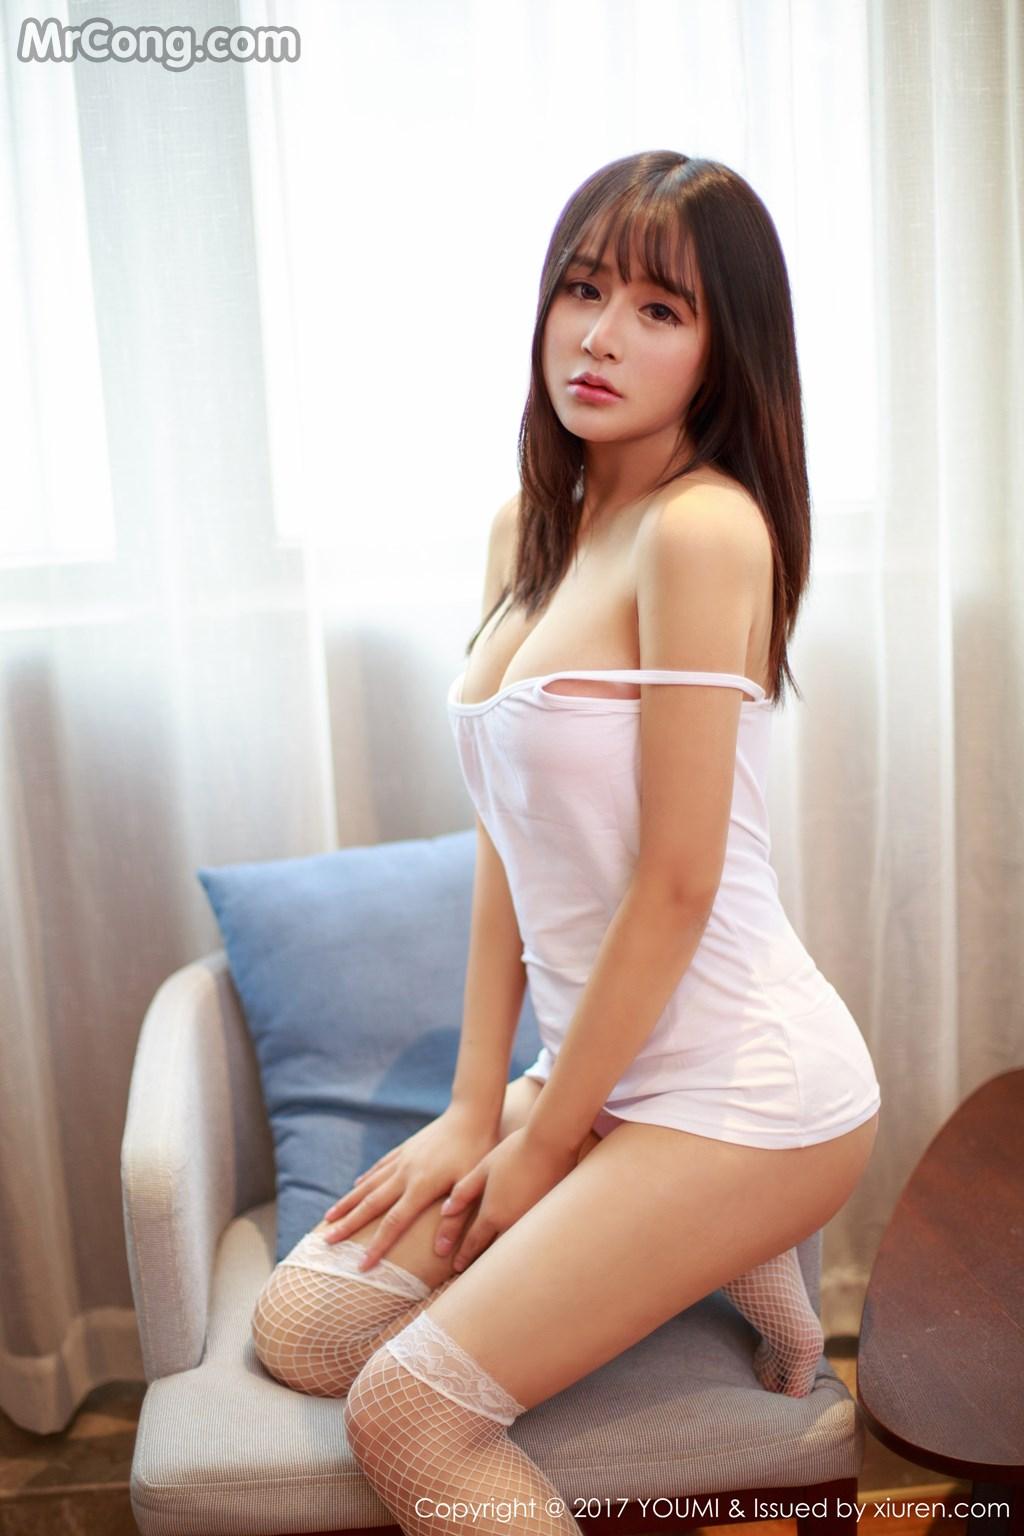 YouMi Vol.009: Người mẫu Sukiii (思淇) (53 ảnh)